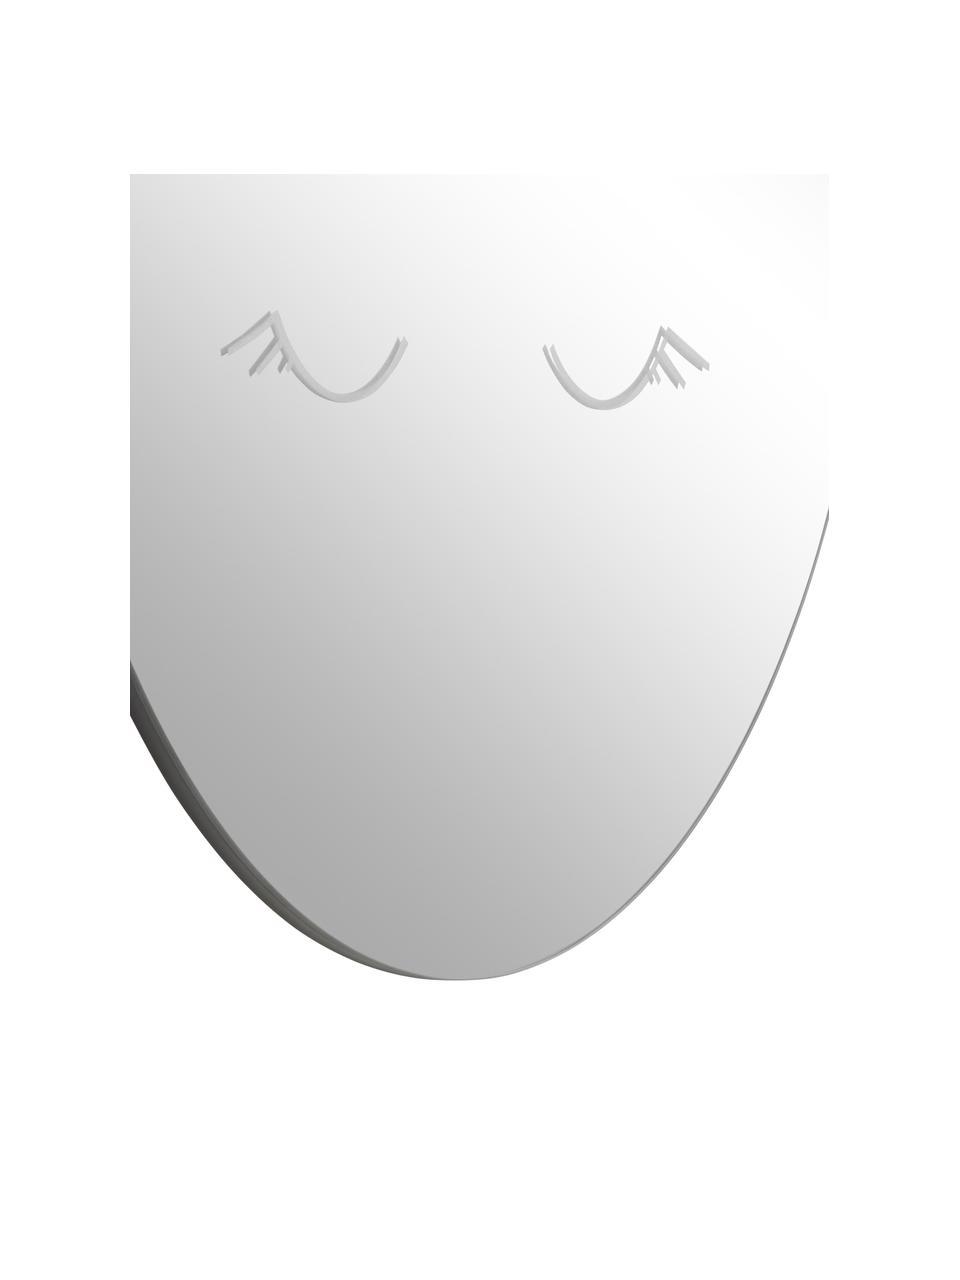 Runder Wandspiegel Ludmila mit schwarzem Rahmen, Rahmen: Mitteldichte Holzfaserpla, Spiegelfläche: Spiegelglas, gehärtet, Rückseite: Mitteldichte Holzfaserpla, Grau, Schwarz, Ø 50 cm